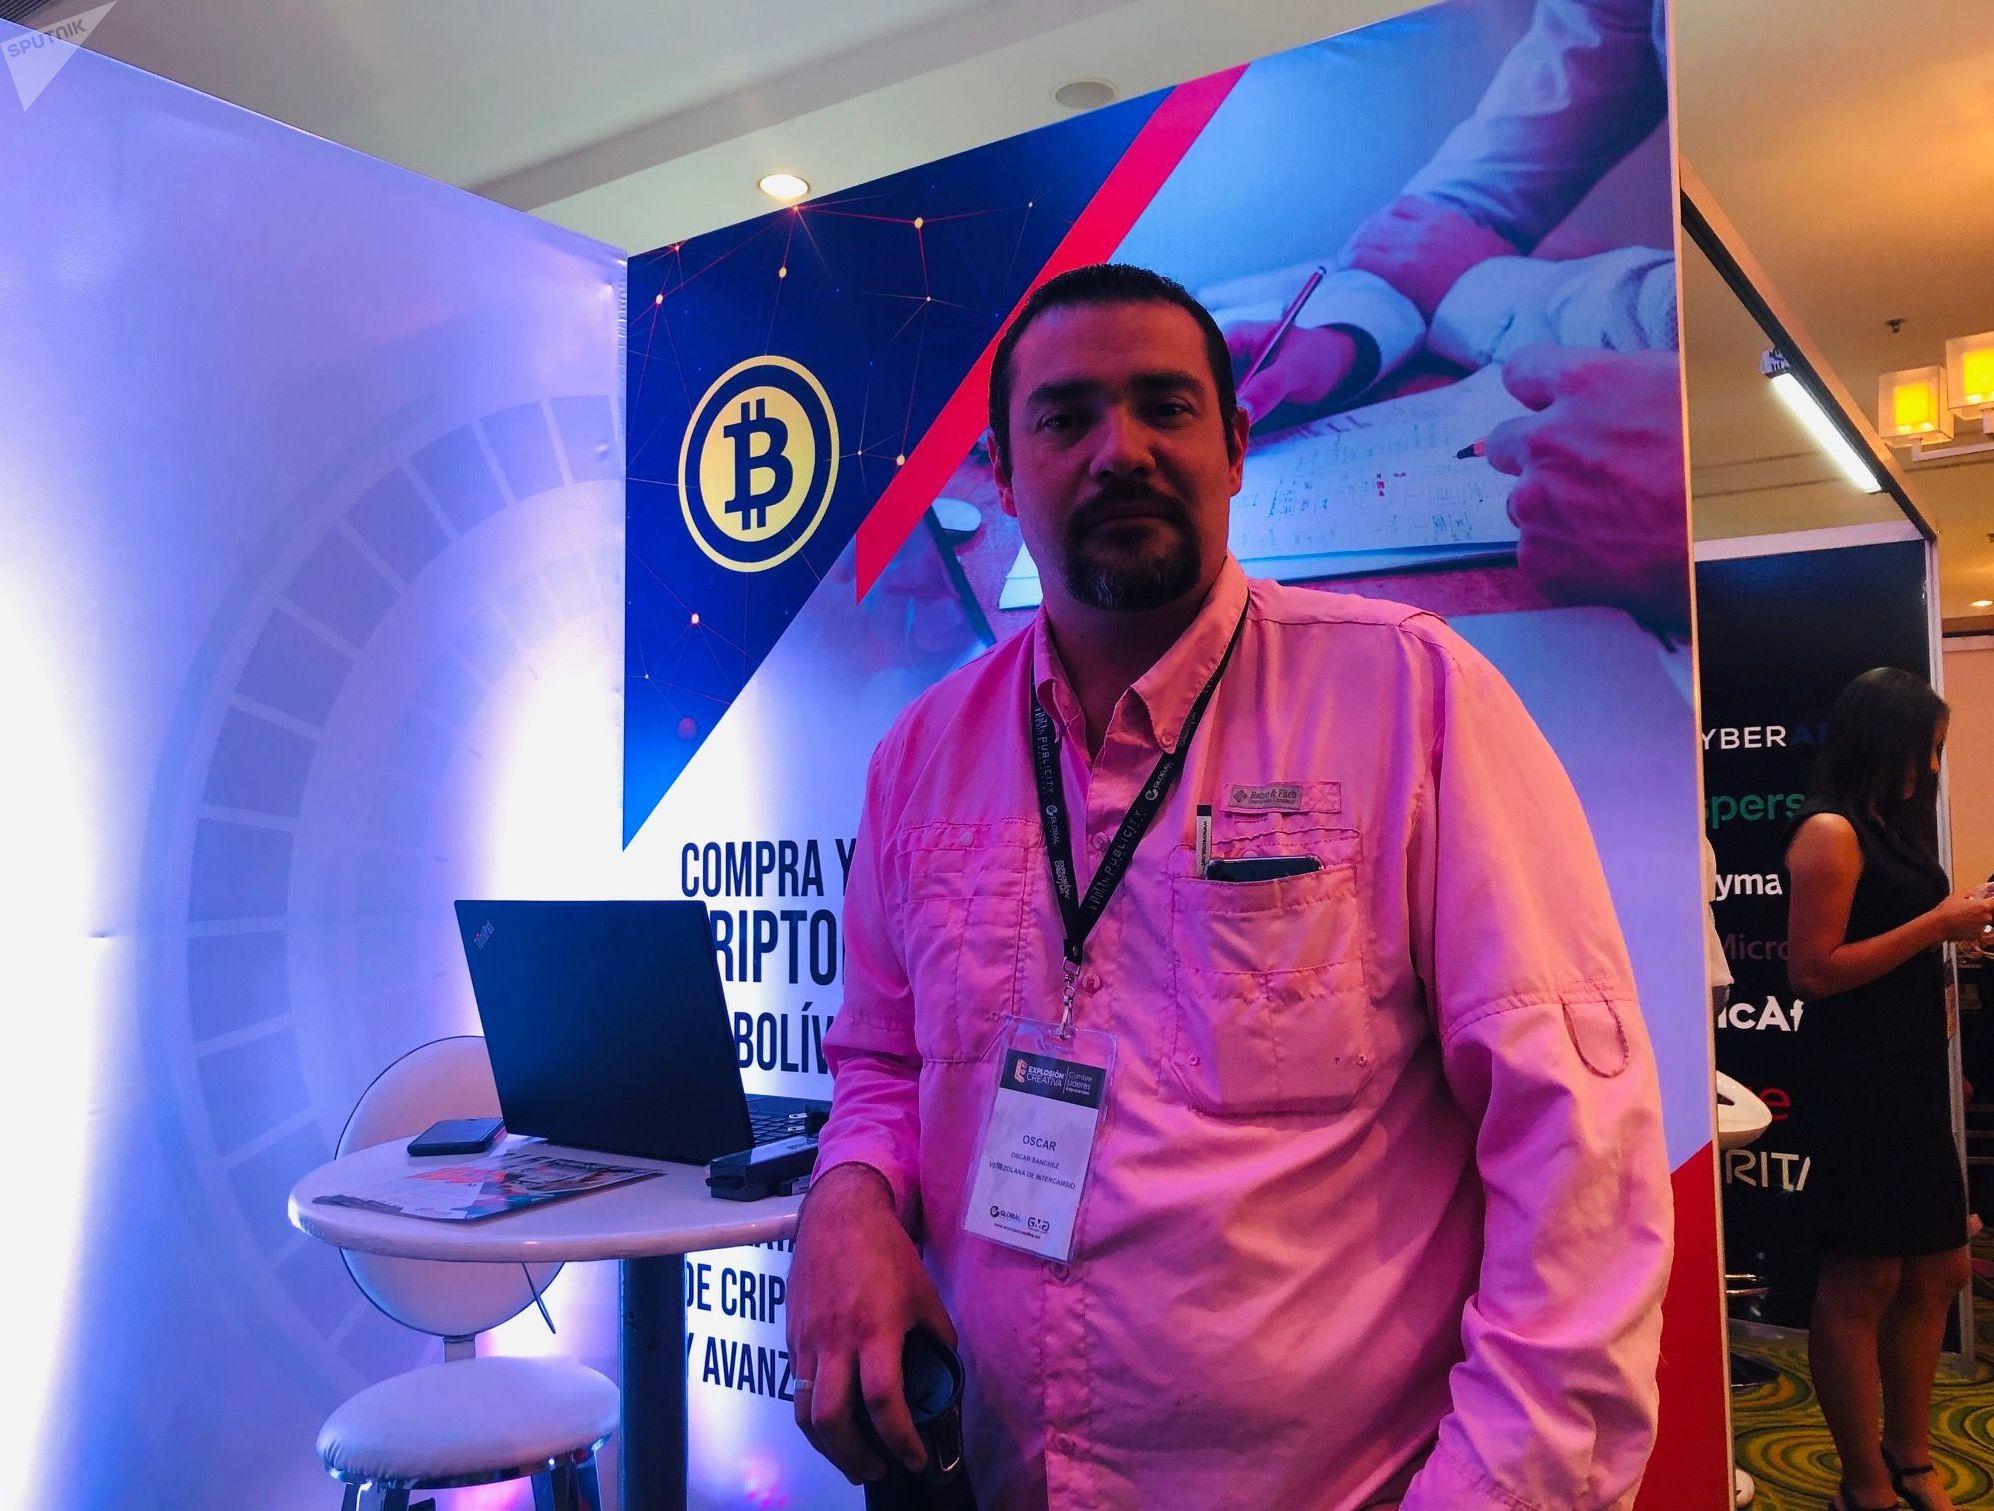 Óscar Sánchez, director de ventas de la empresa venezolana 'Intercambio', que trabaja con criptomonedas